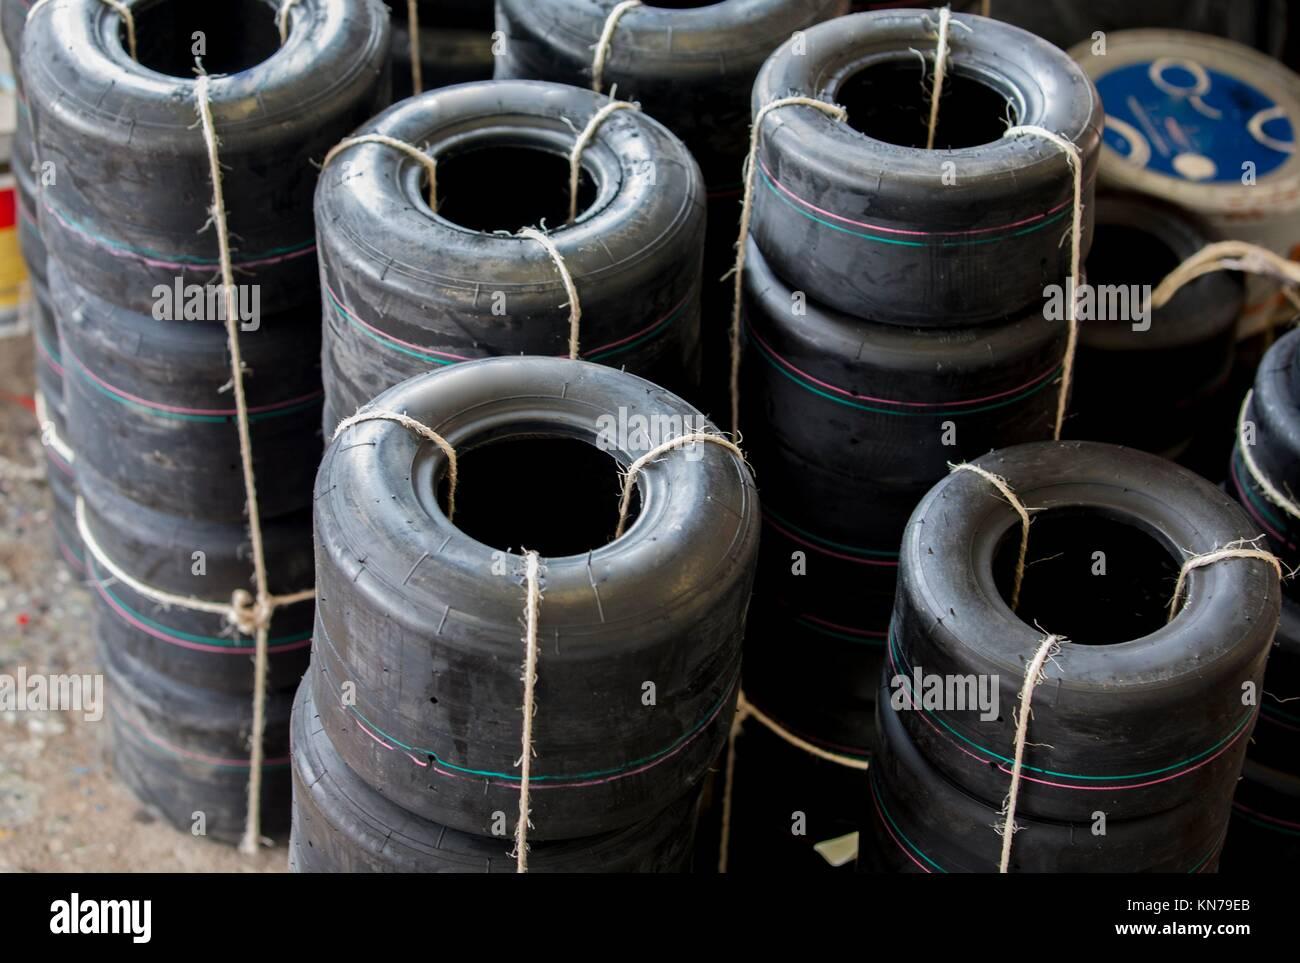 Des tonnes de nouvelles roues pneus karts décompacté. Photo Stock